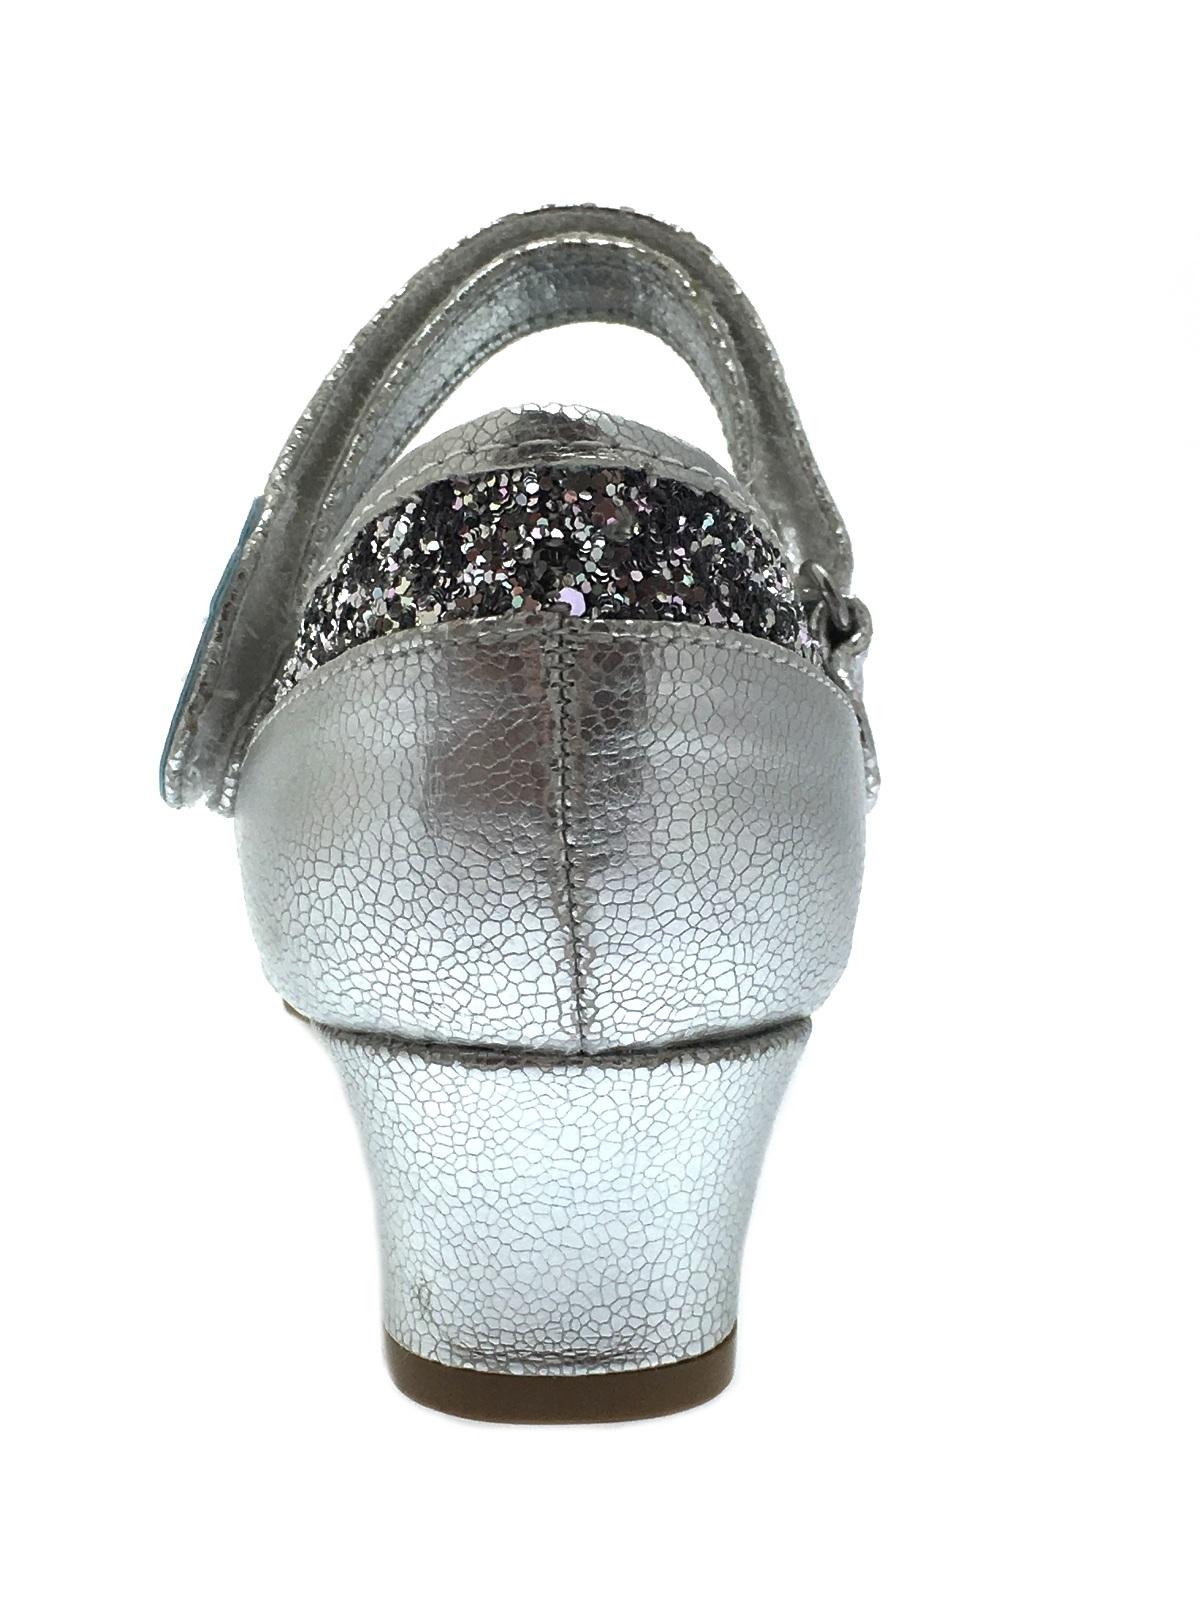 33ccd82b8b31 Kids Girls Disney Frozen Dress Up Shoes Glitter Princess Low Heels ...